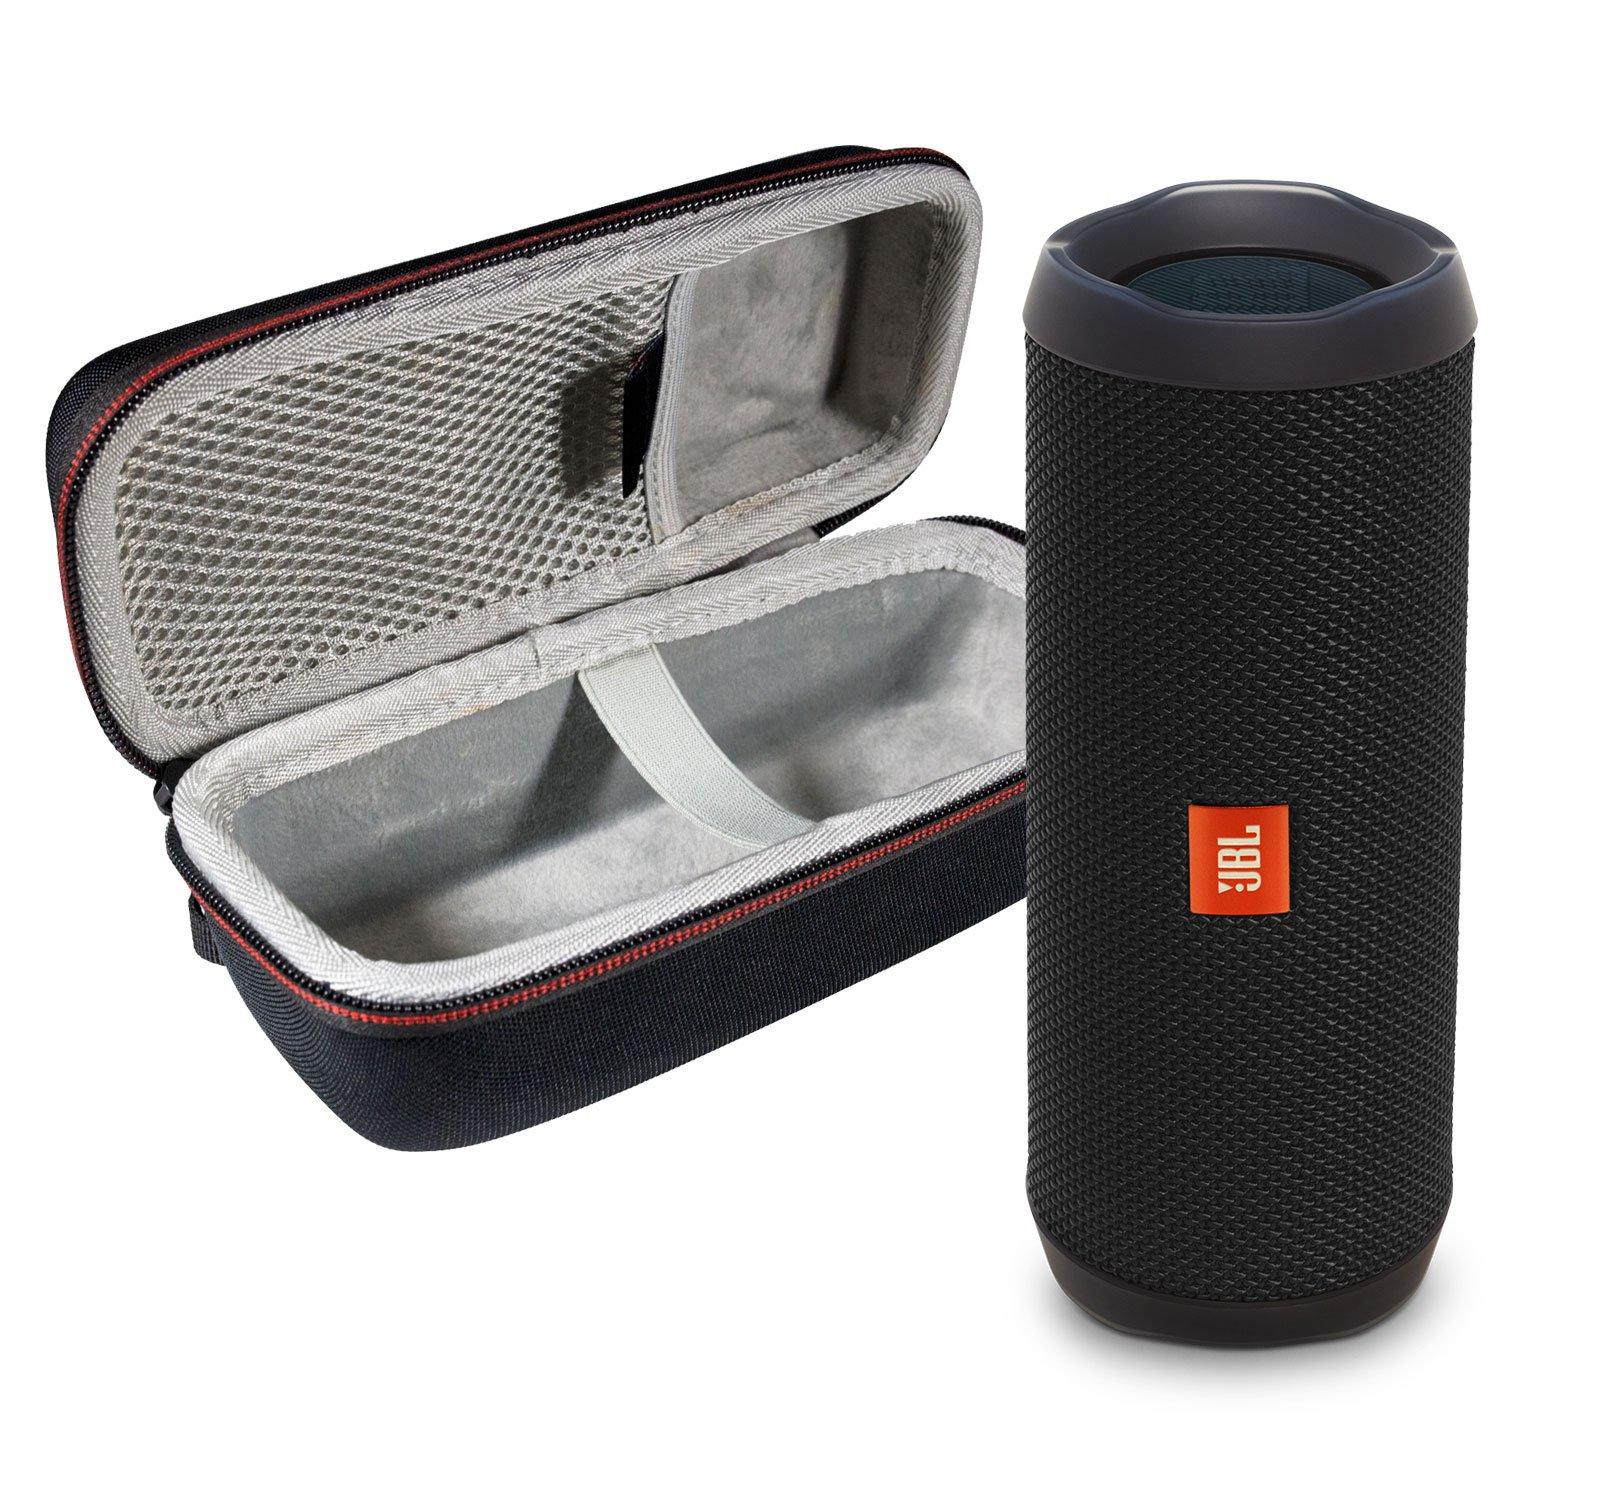 JBL Flip 4 Portable Bluetooth Wireless Speaker Bundle with..